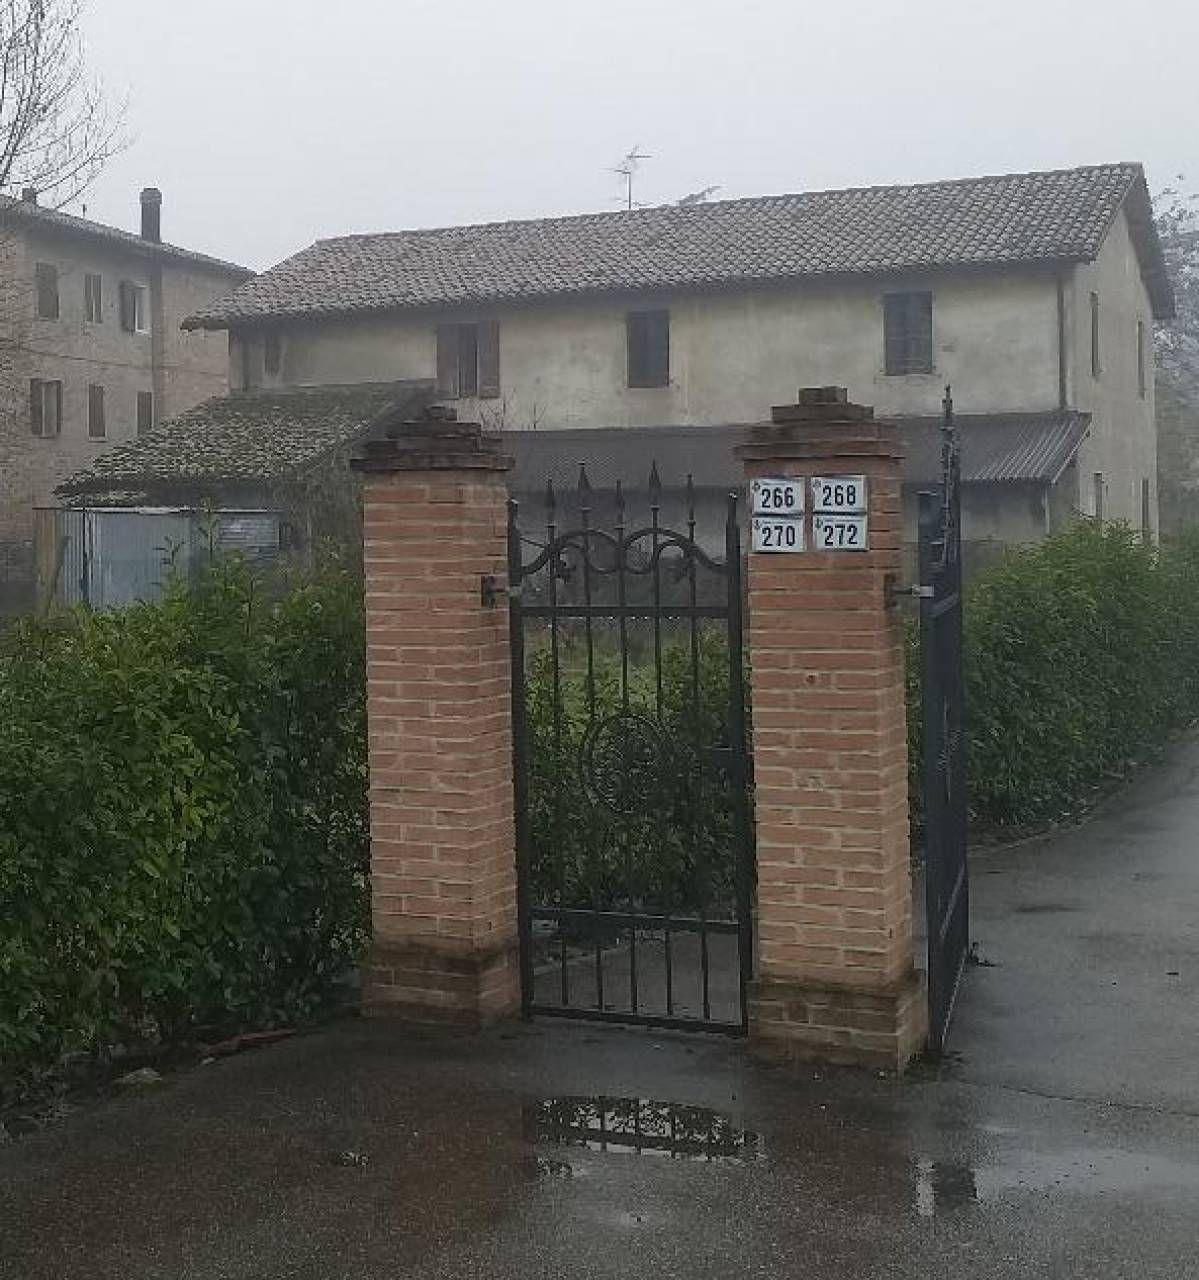 La casa sotto sequestro e Luciano Coppi